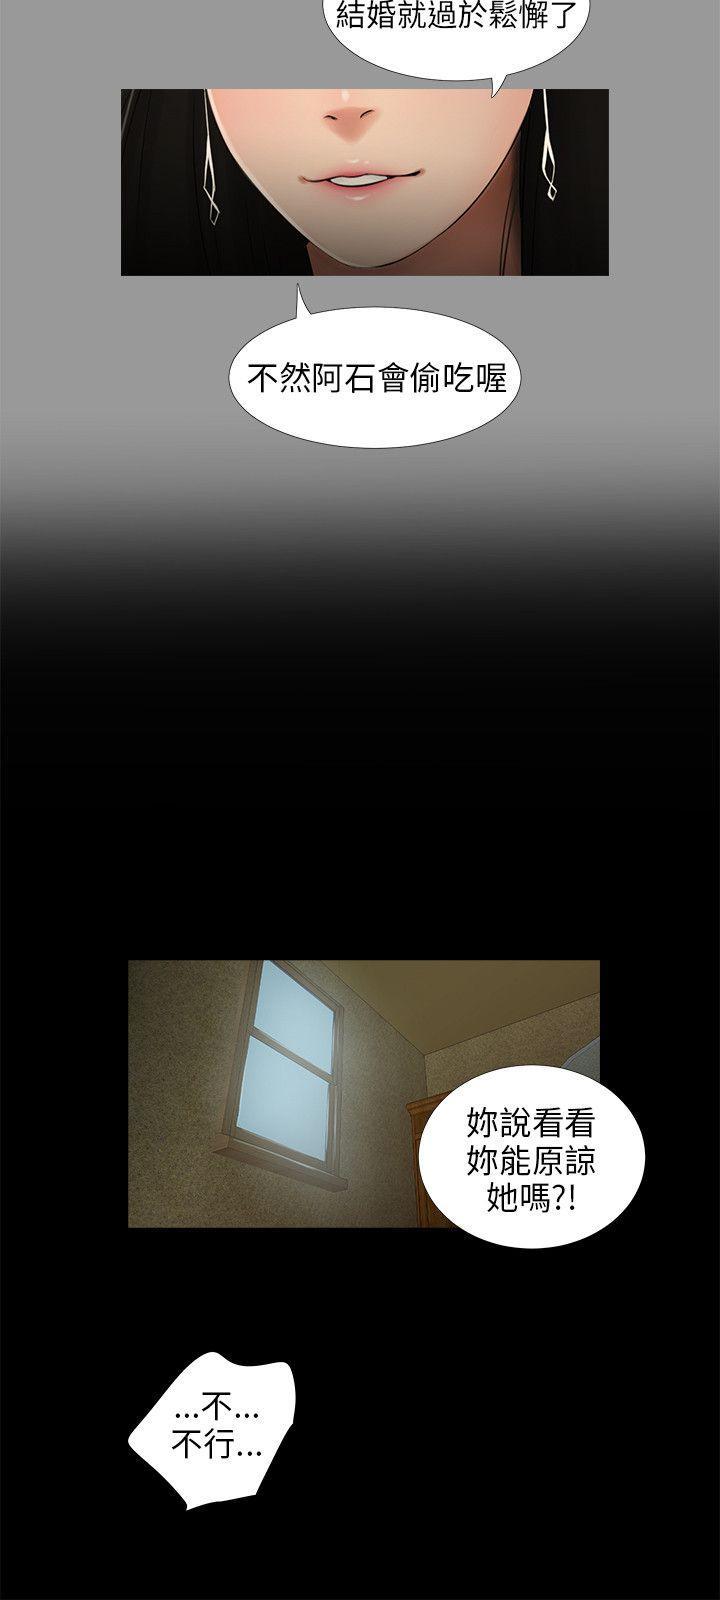 三姐妹 47-50 Chinese 11